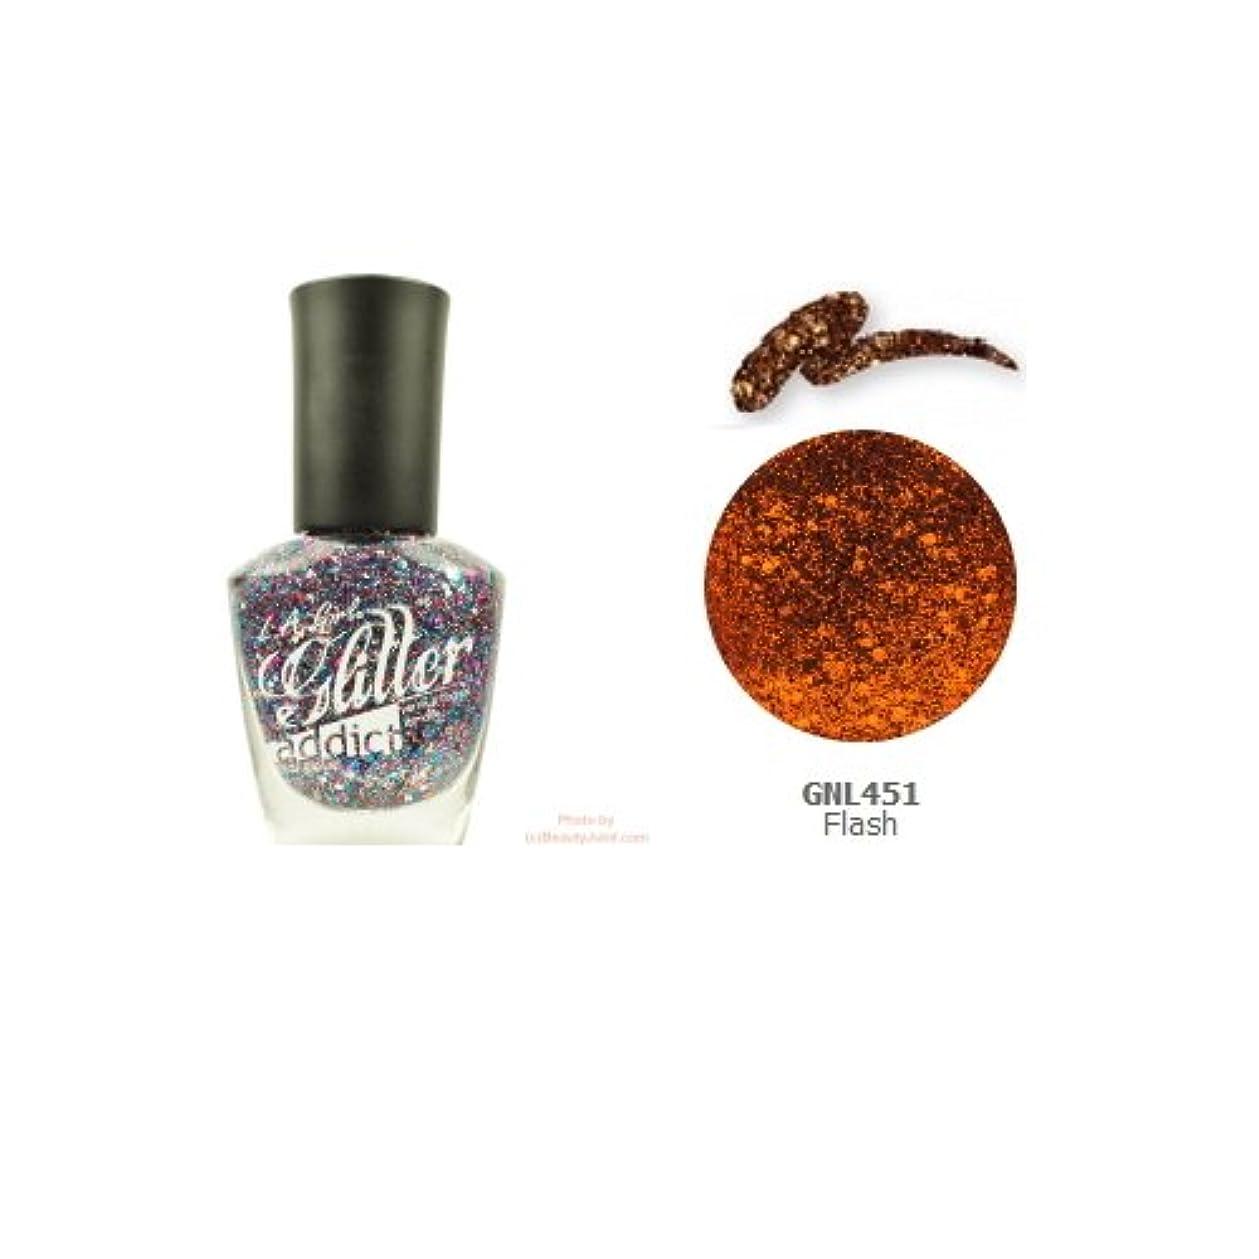 代名詞販売員クルーズ(3 Pack) LA GIRL Glitter Addict Polish - Flash (並行輸入品)